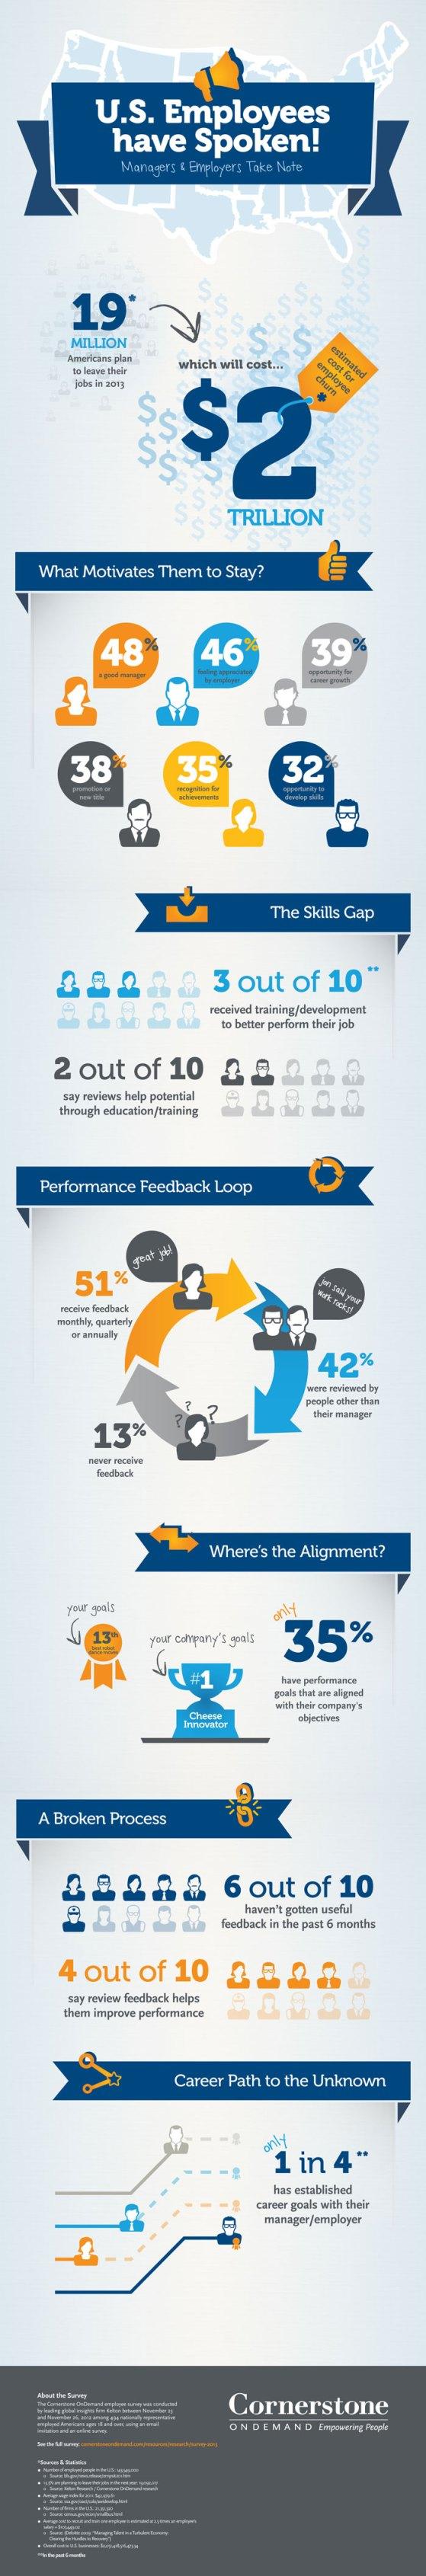 csod-infographic-survey-2013